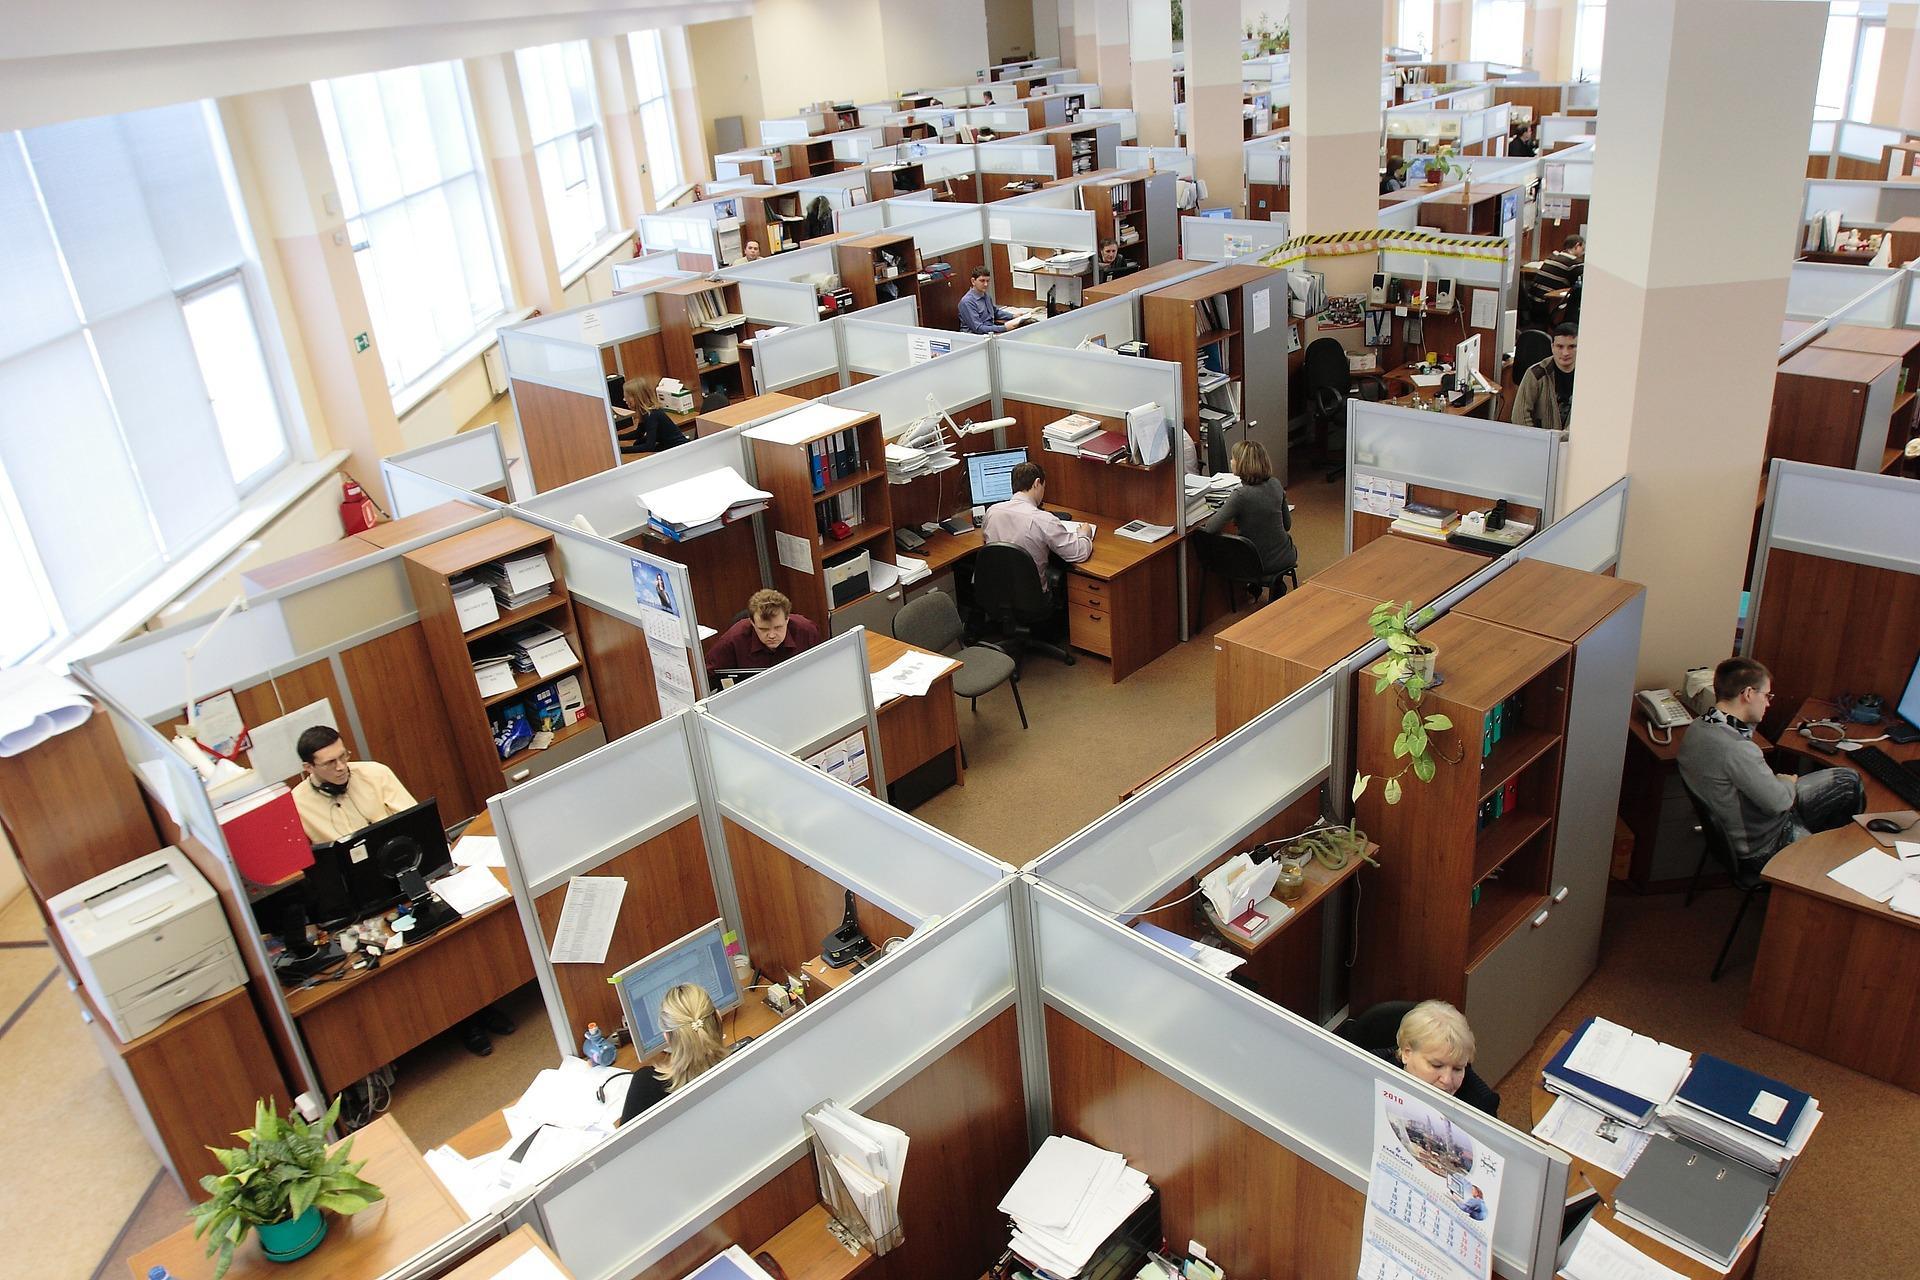 Altersdiskriminierende Stellenausschreibungen - für ein/e Berufsanfänger/in oder ein/e Kollege/in mit kürzerer Berufserfahren